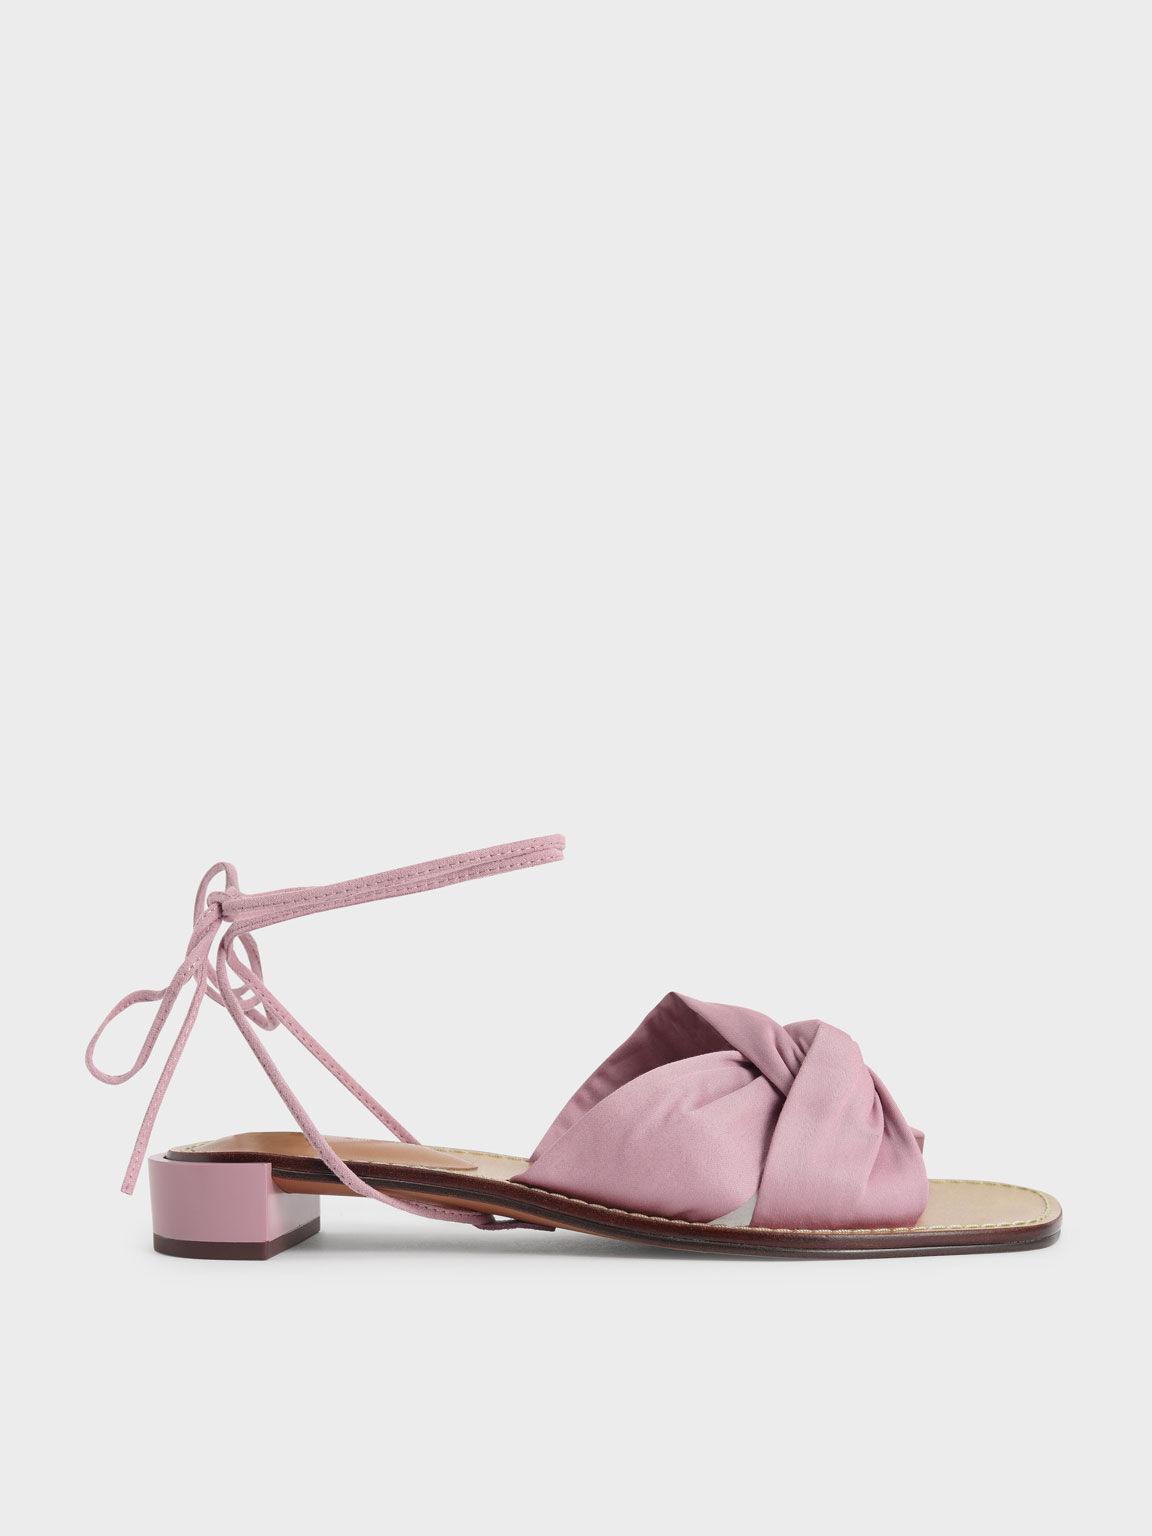 側扭結綁帶涼鞋, 粉紅色, hi-res